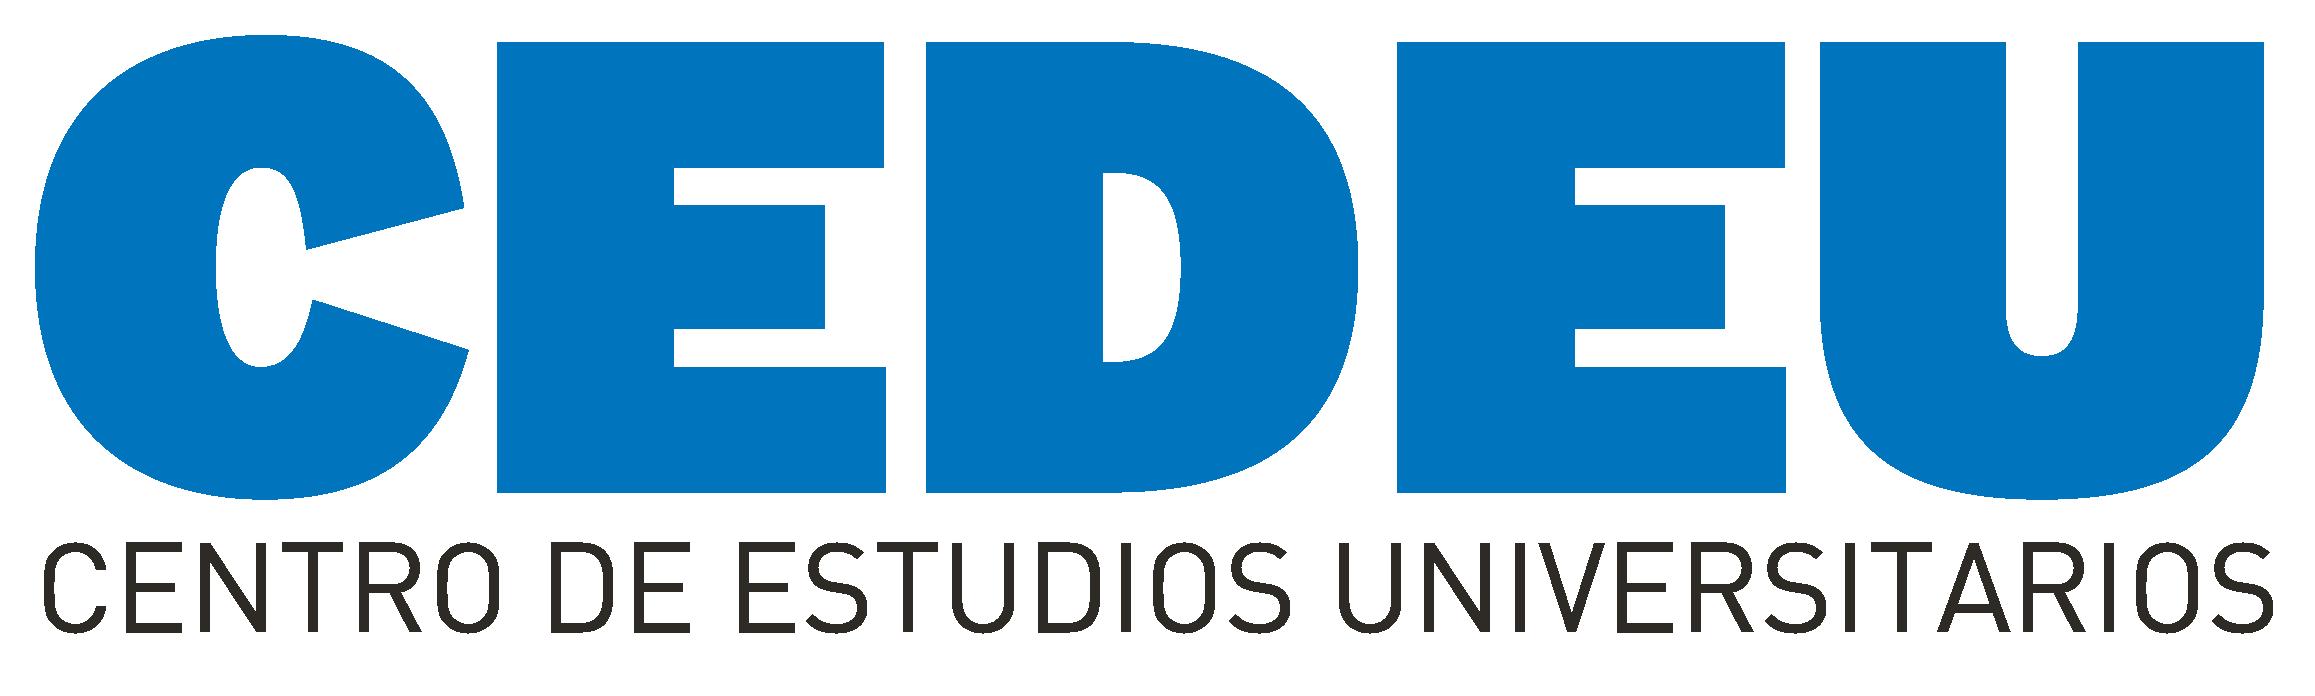 Resultado de imagen de CEDEU Centro universitario